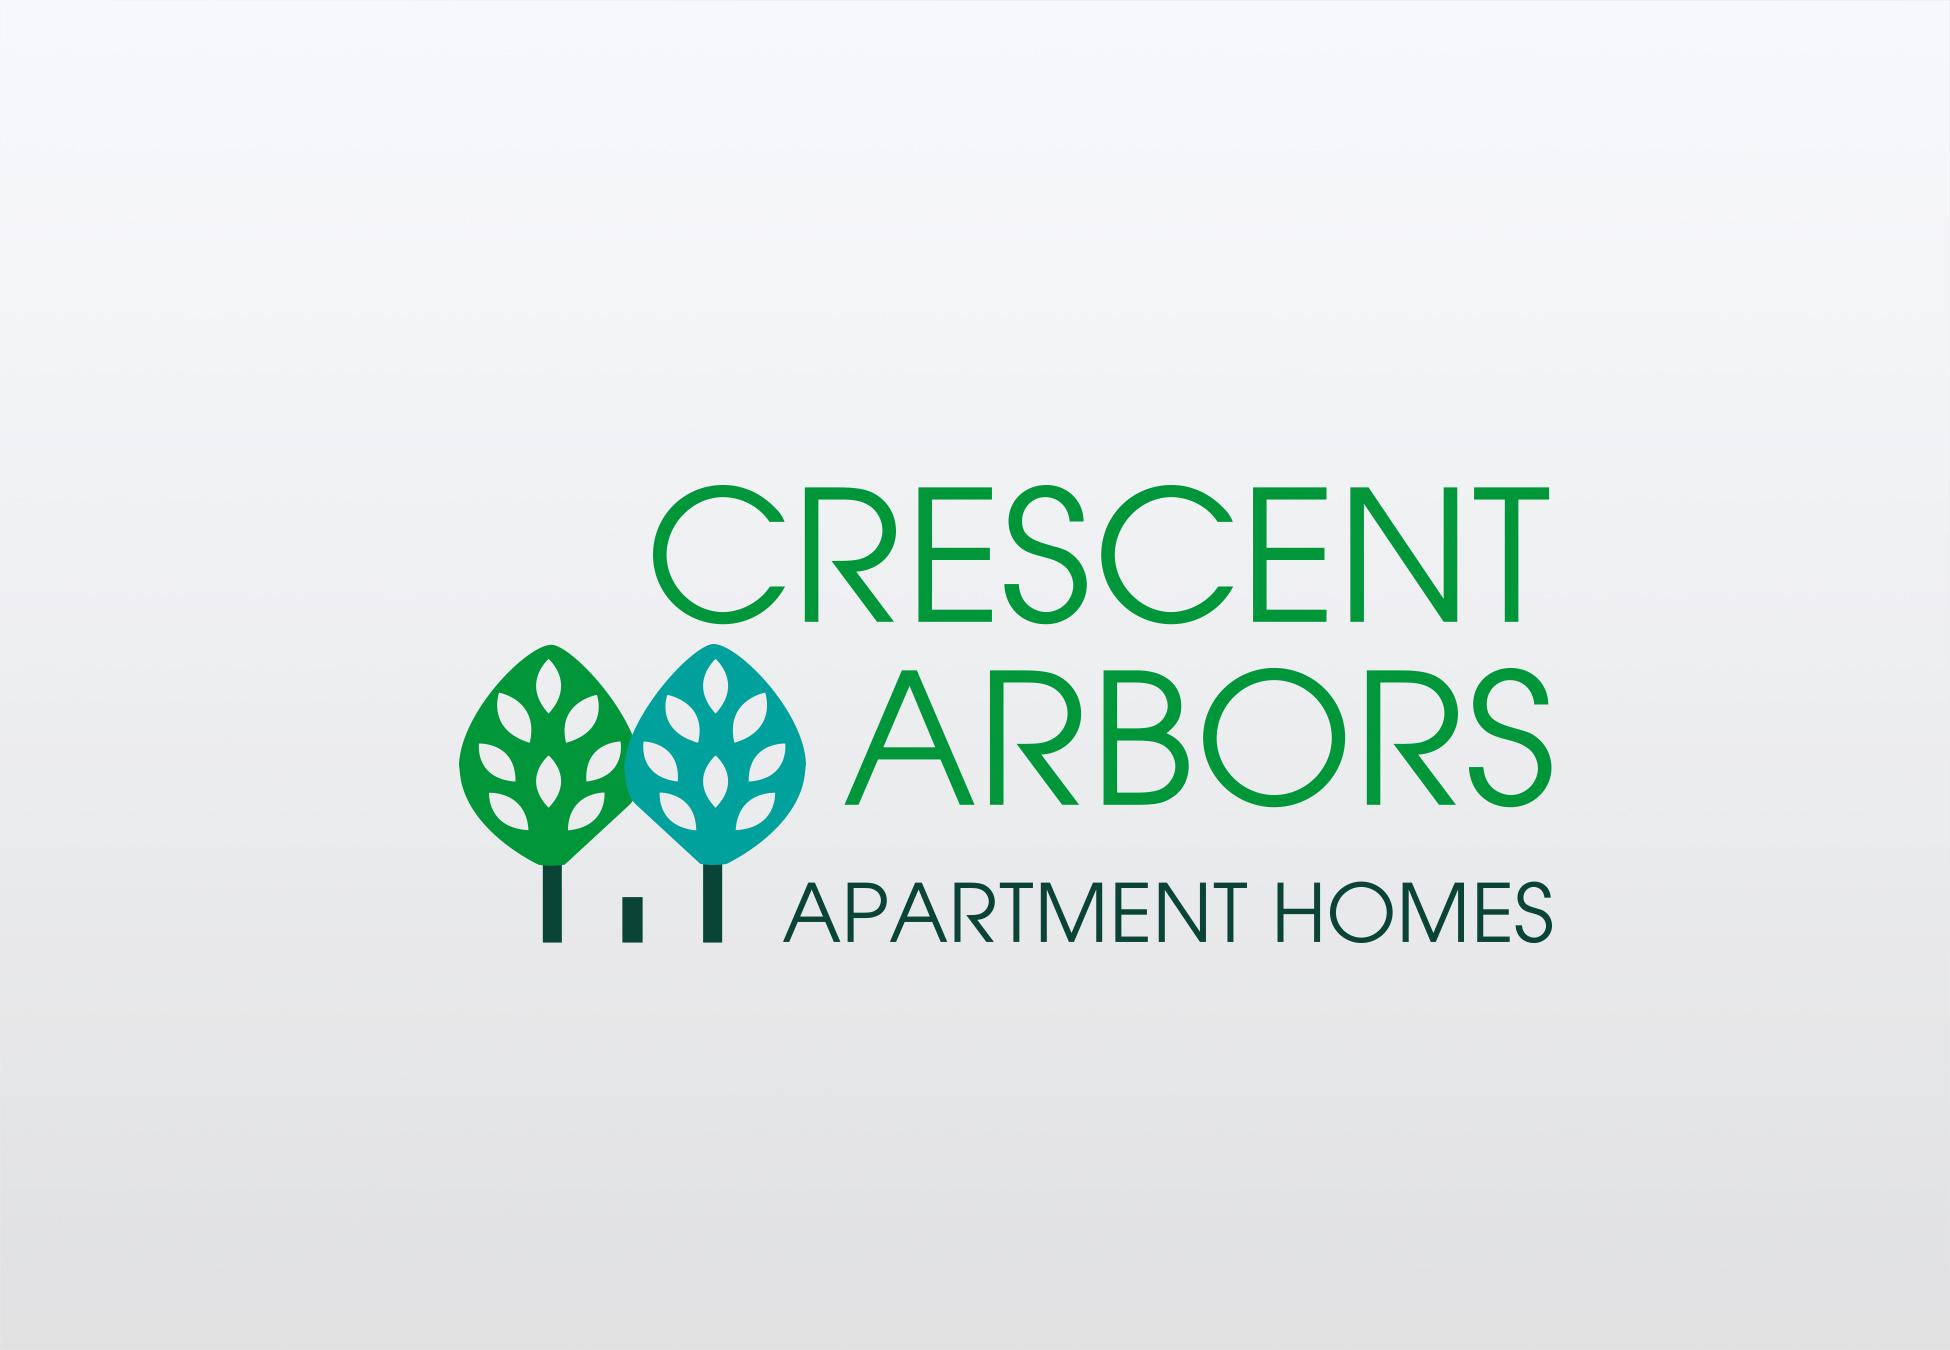 Crescent Arbors.jpg